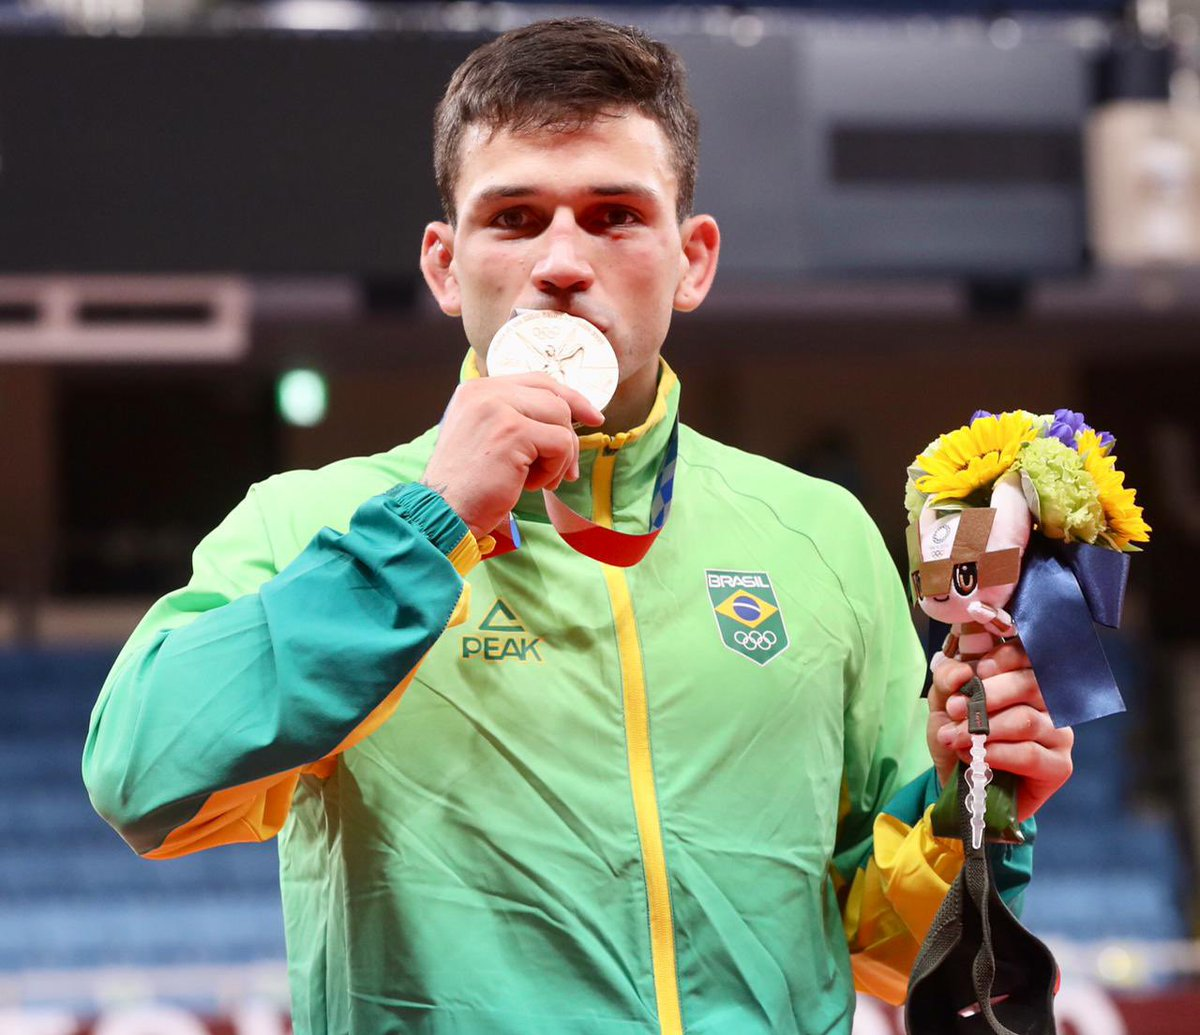 Daniel Cargnin conquista a primeira medalha do Brasil no judô